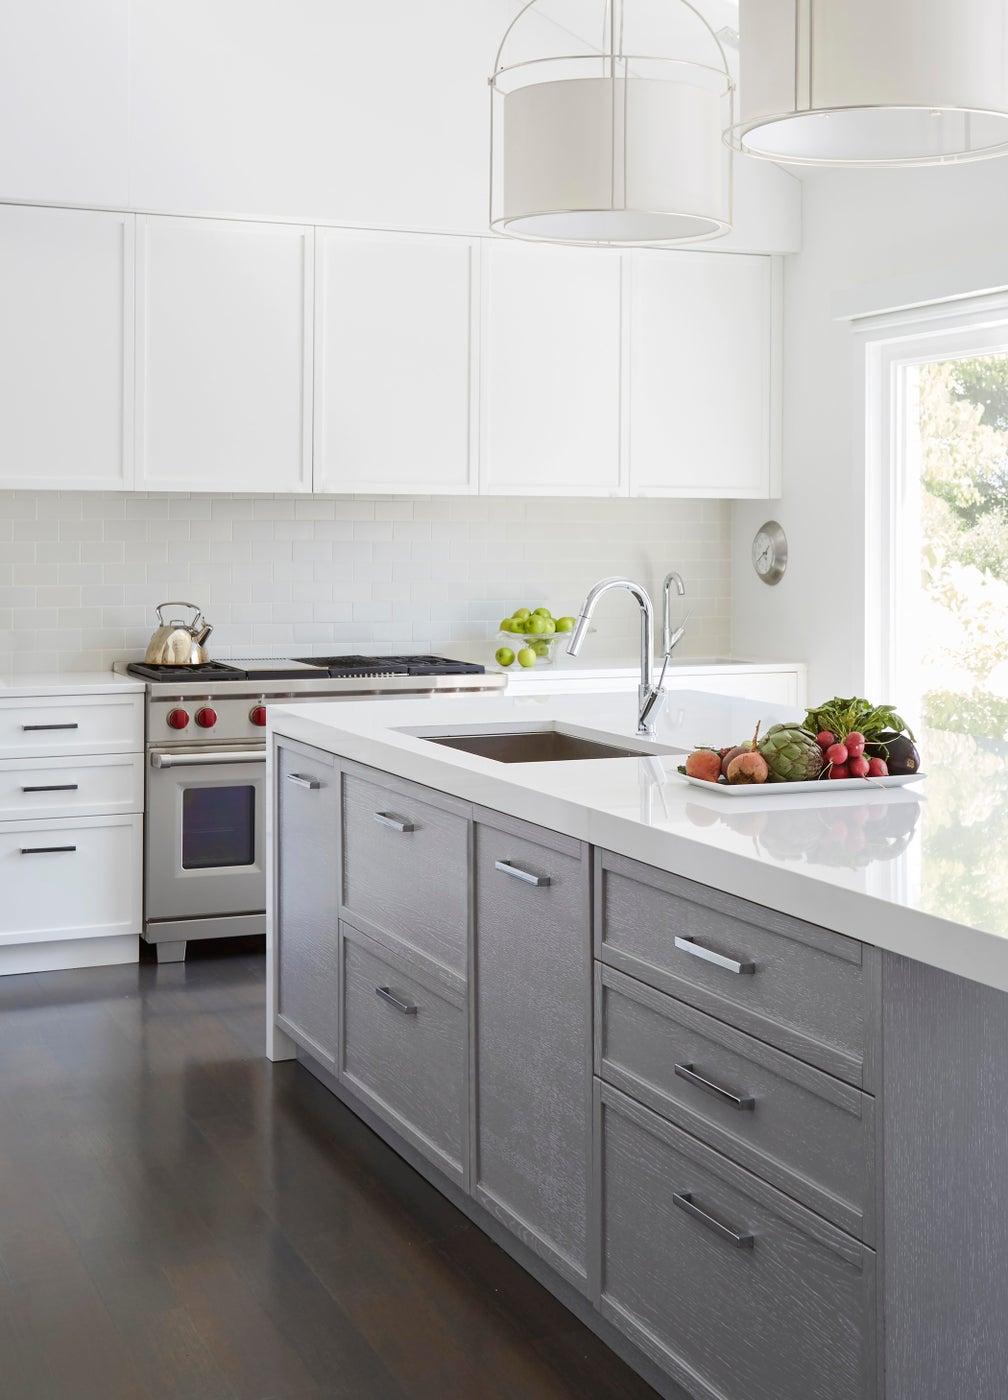 White Modern Kitchen Gut Rehab in Wilmette, IL, Kitchen Island